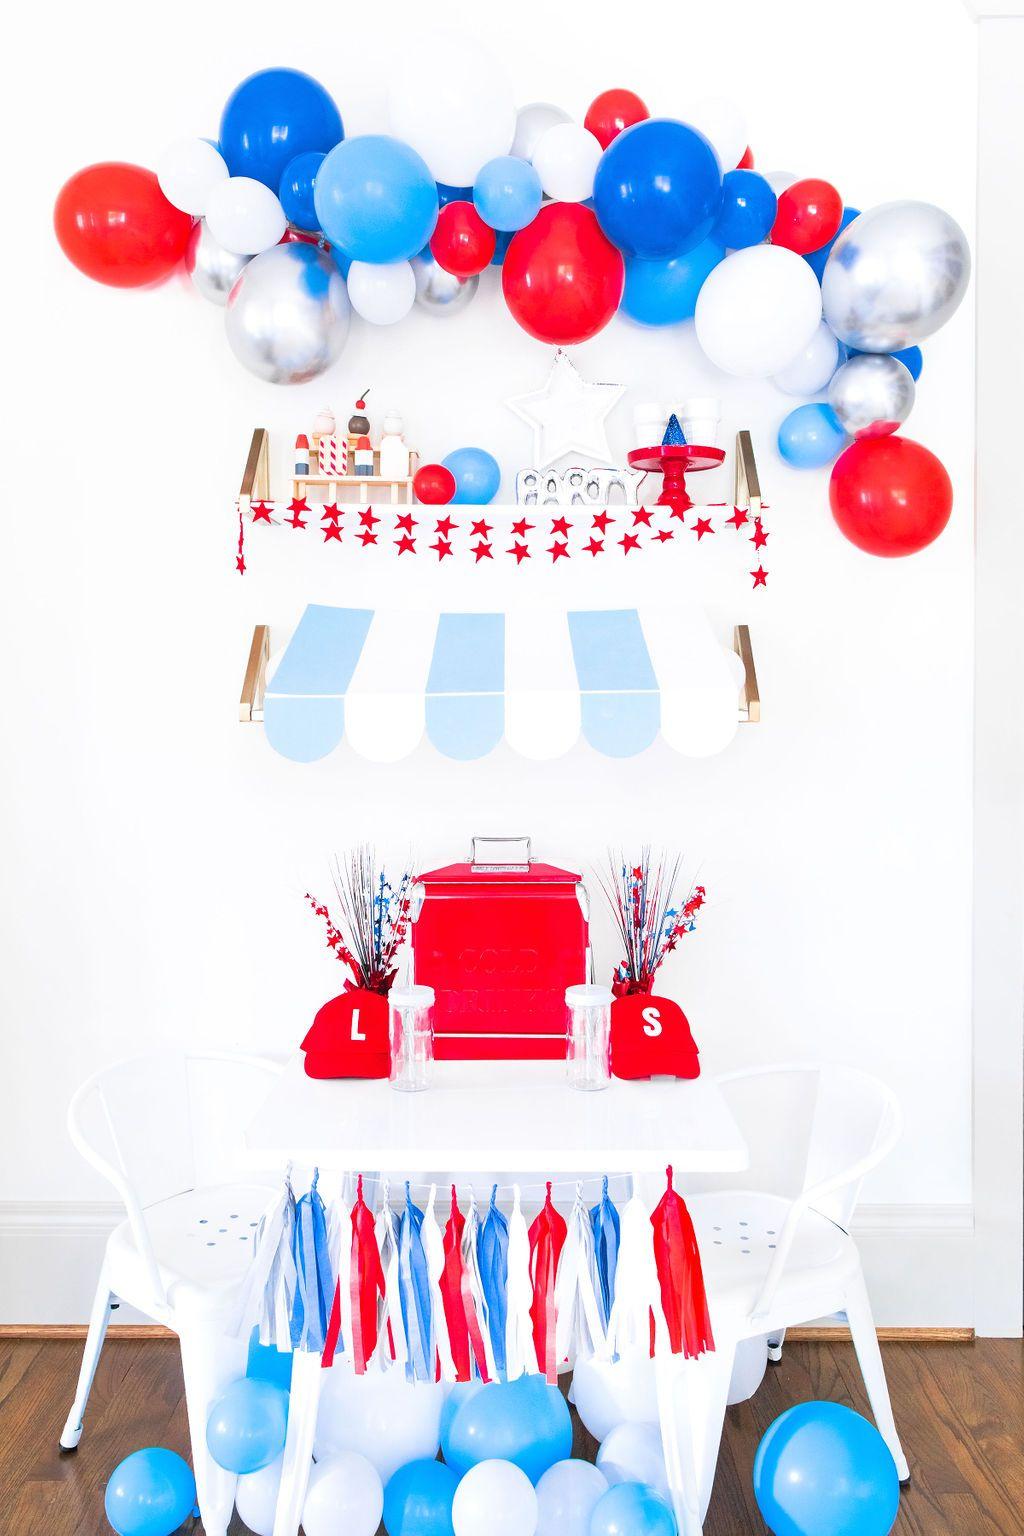 DIY Red, White, & Blue Balloon Garland Kit Balloon